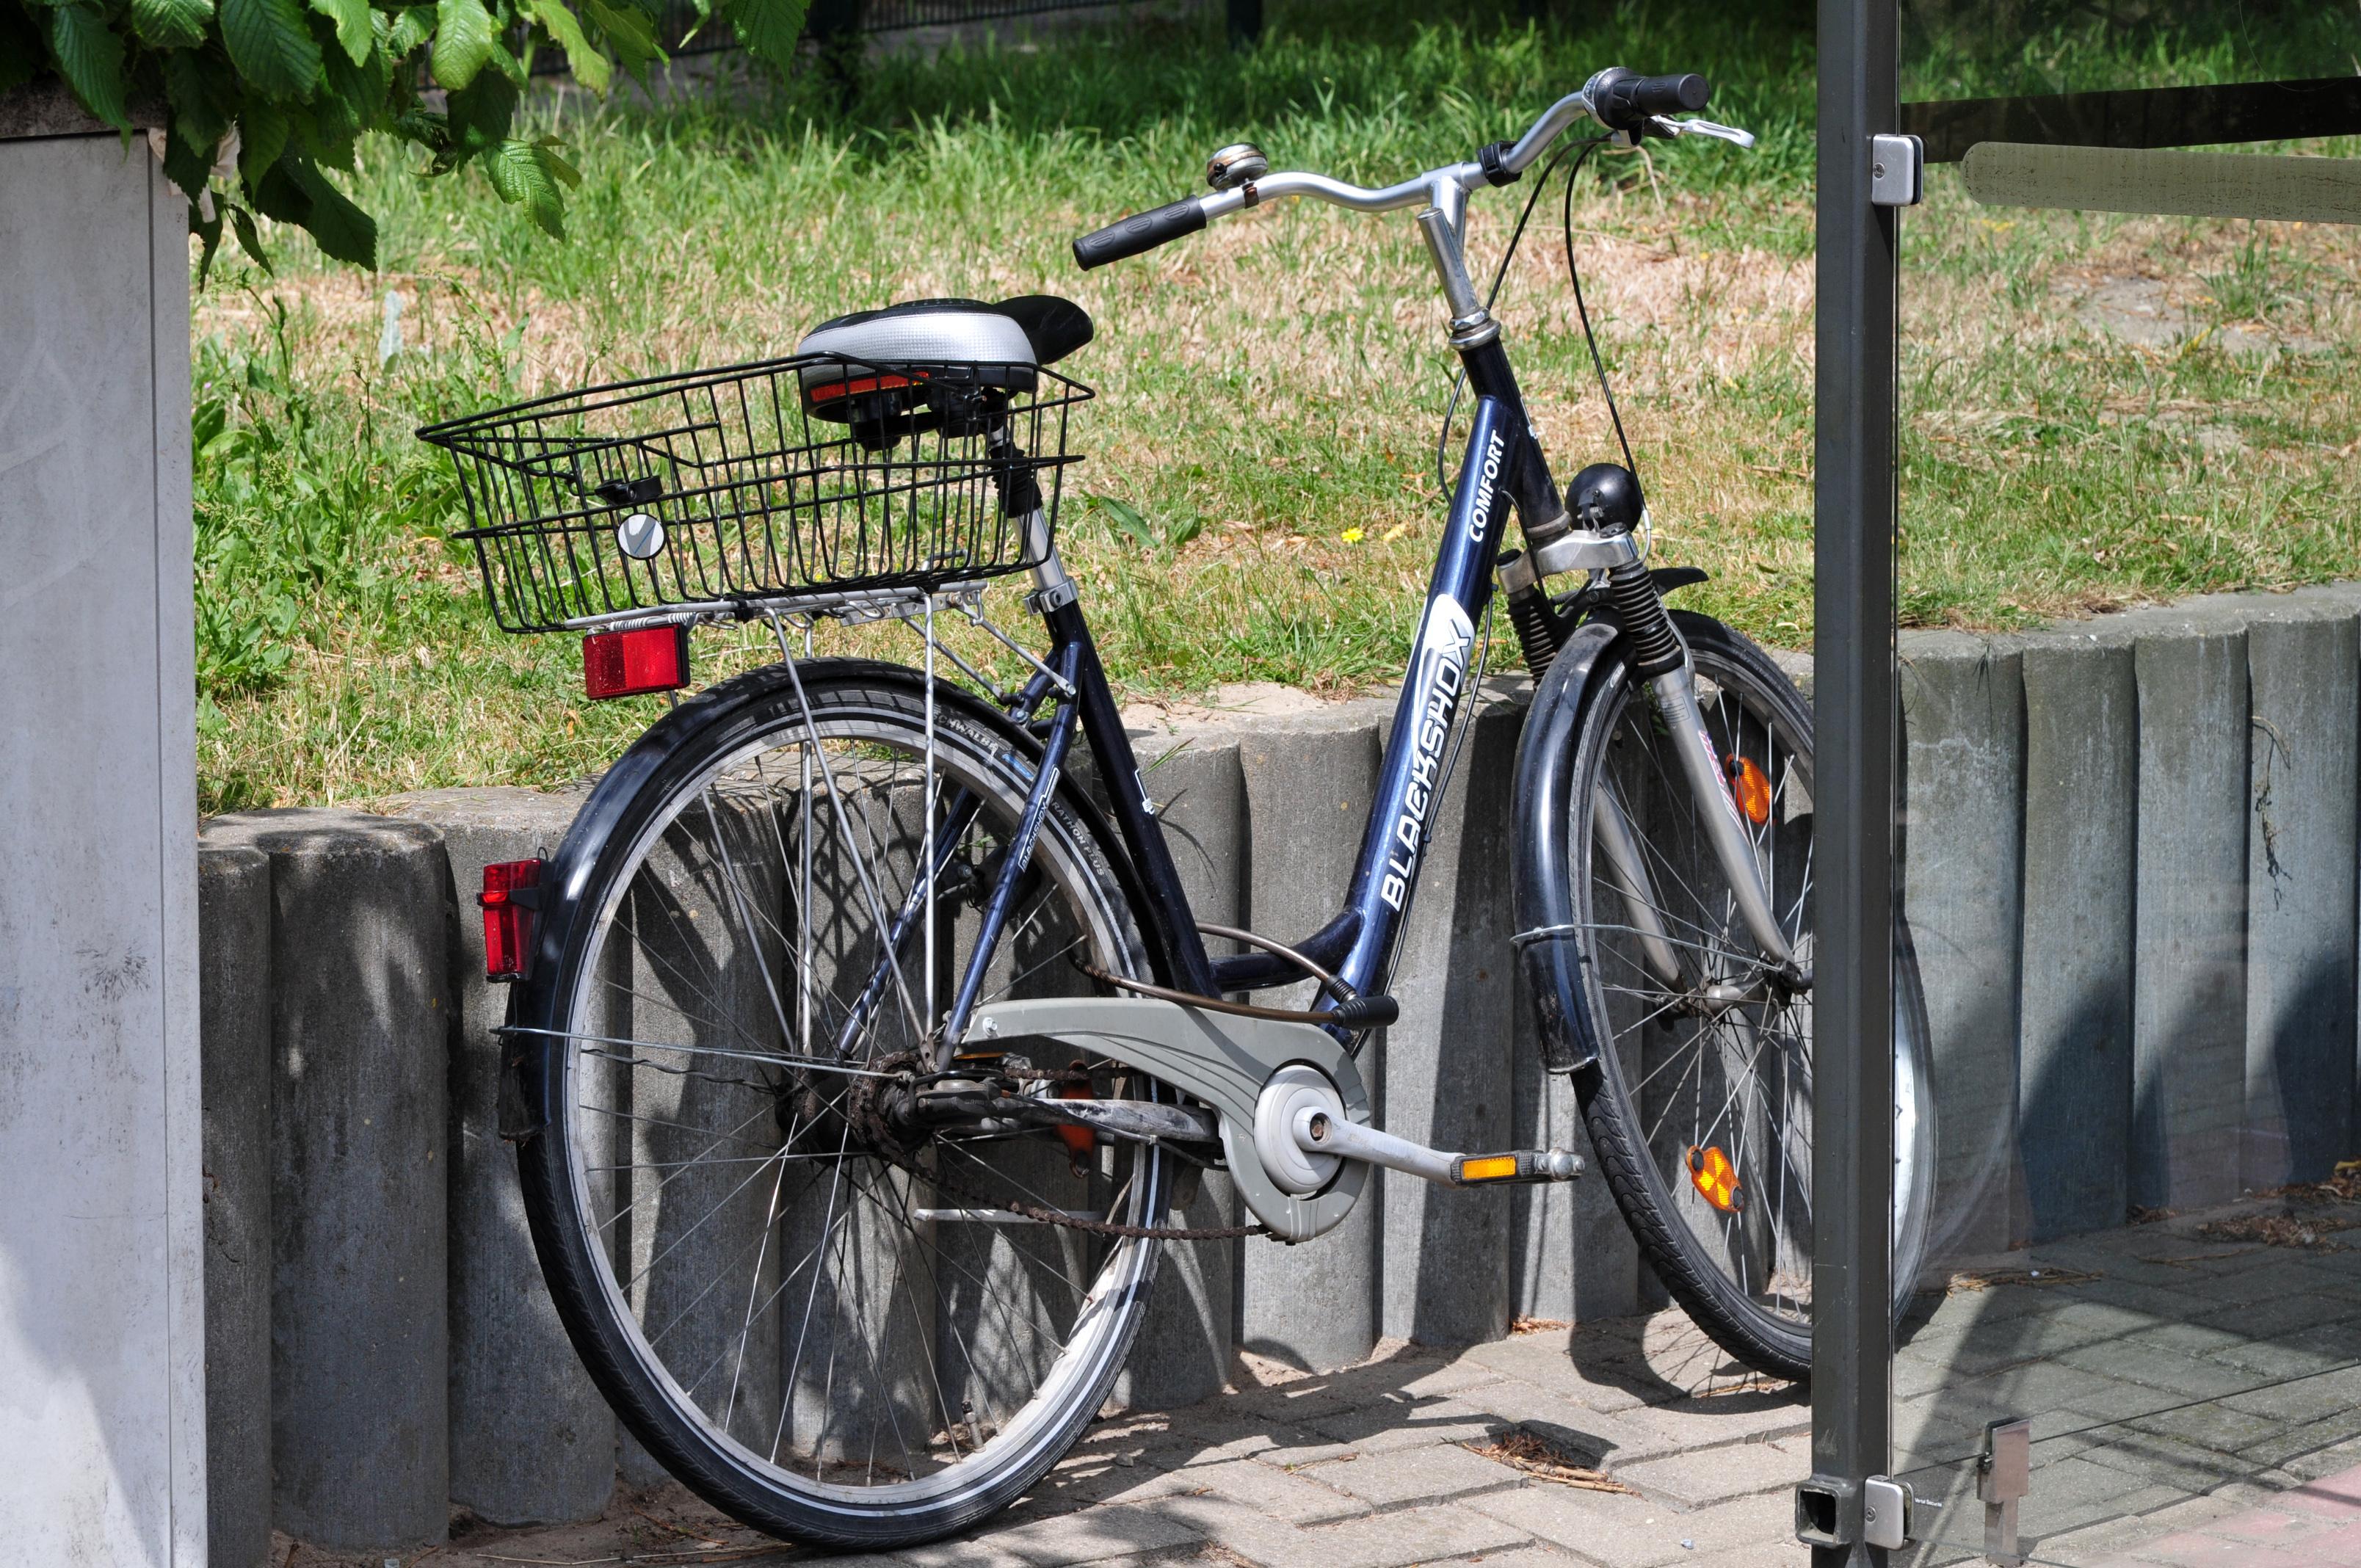 12-06-09-fahrrad-by-ralfr-06.jpg